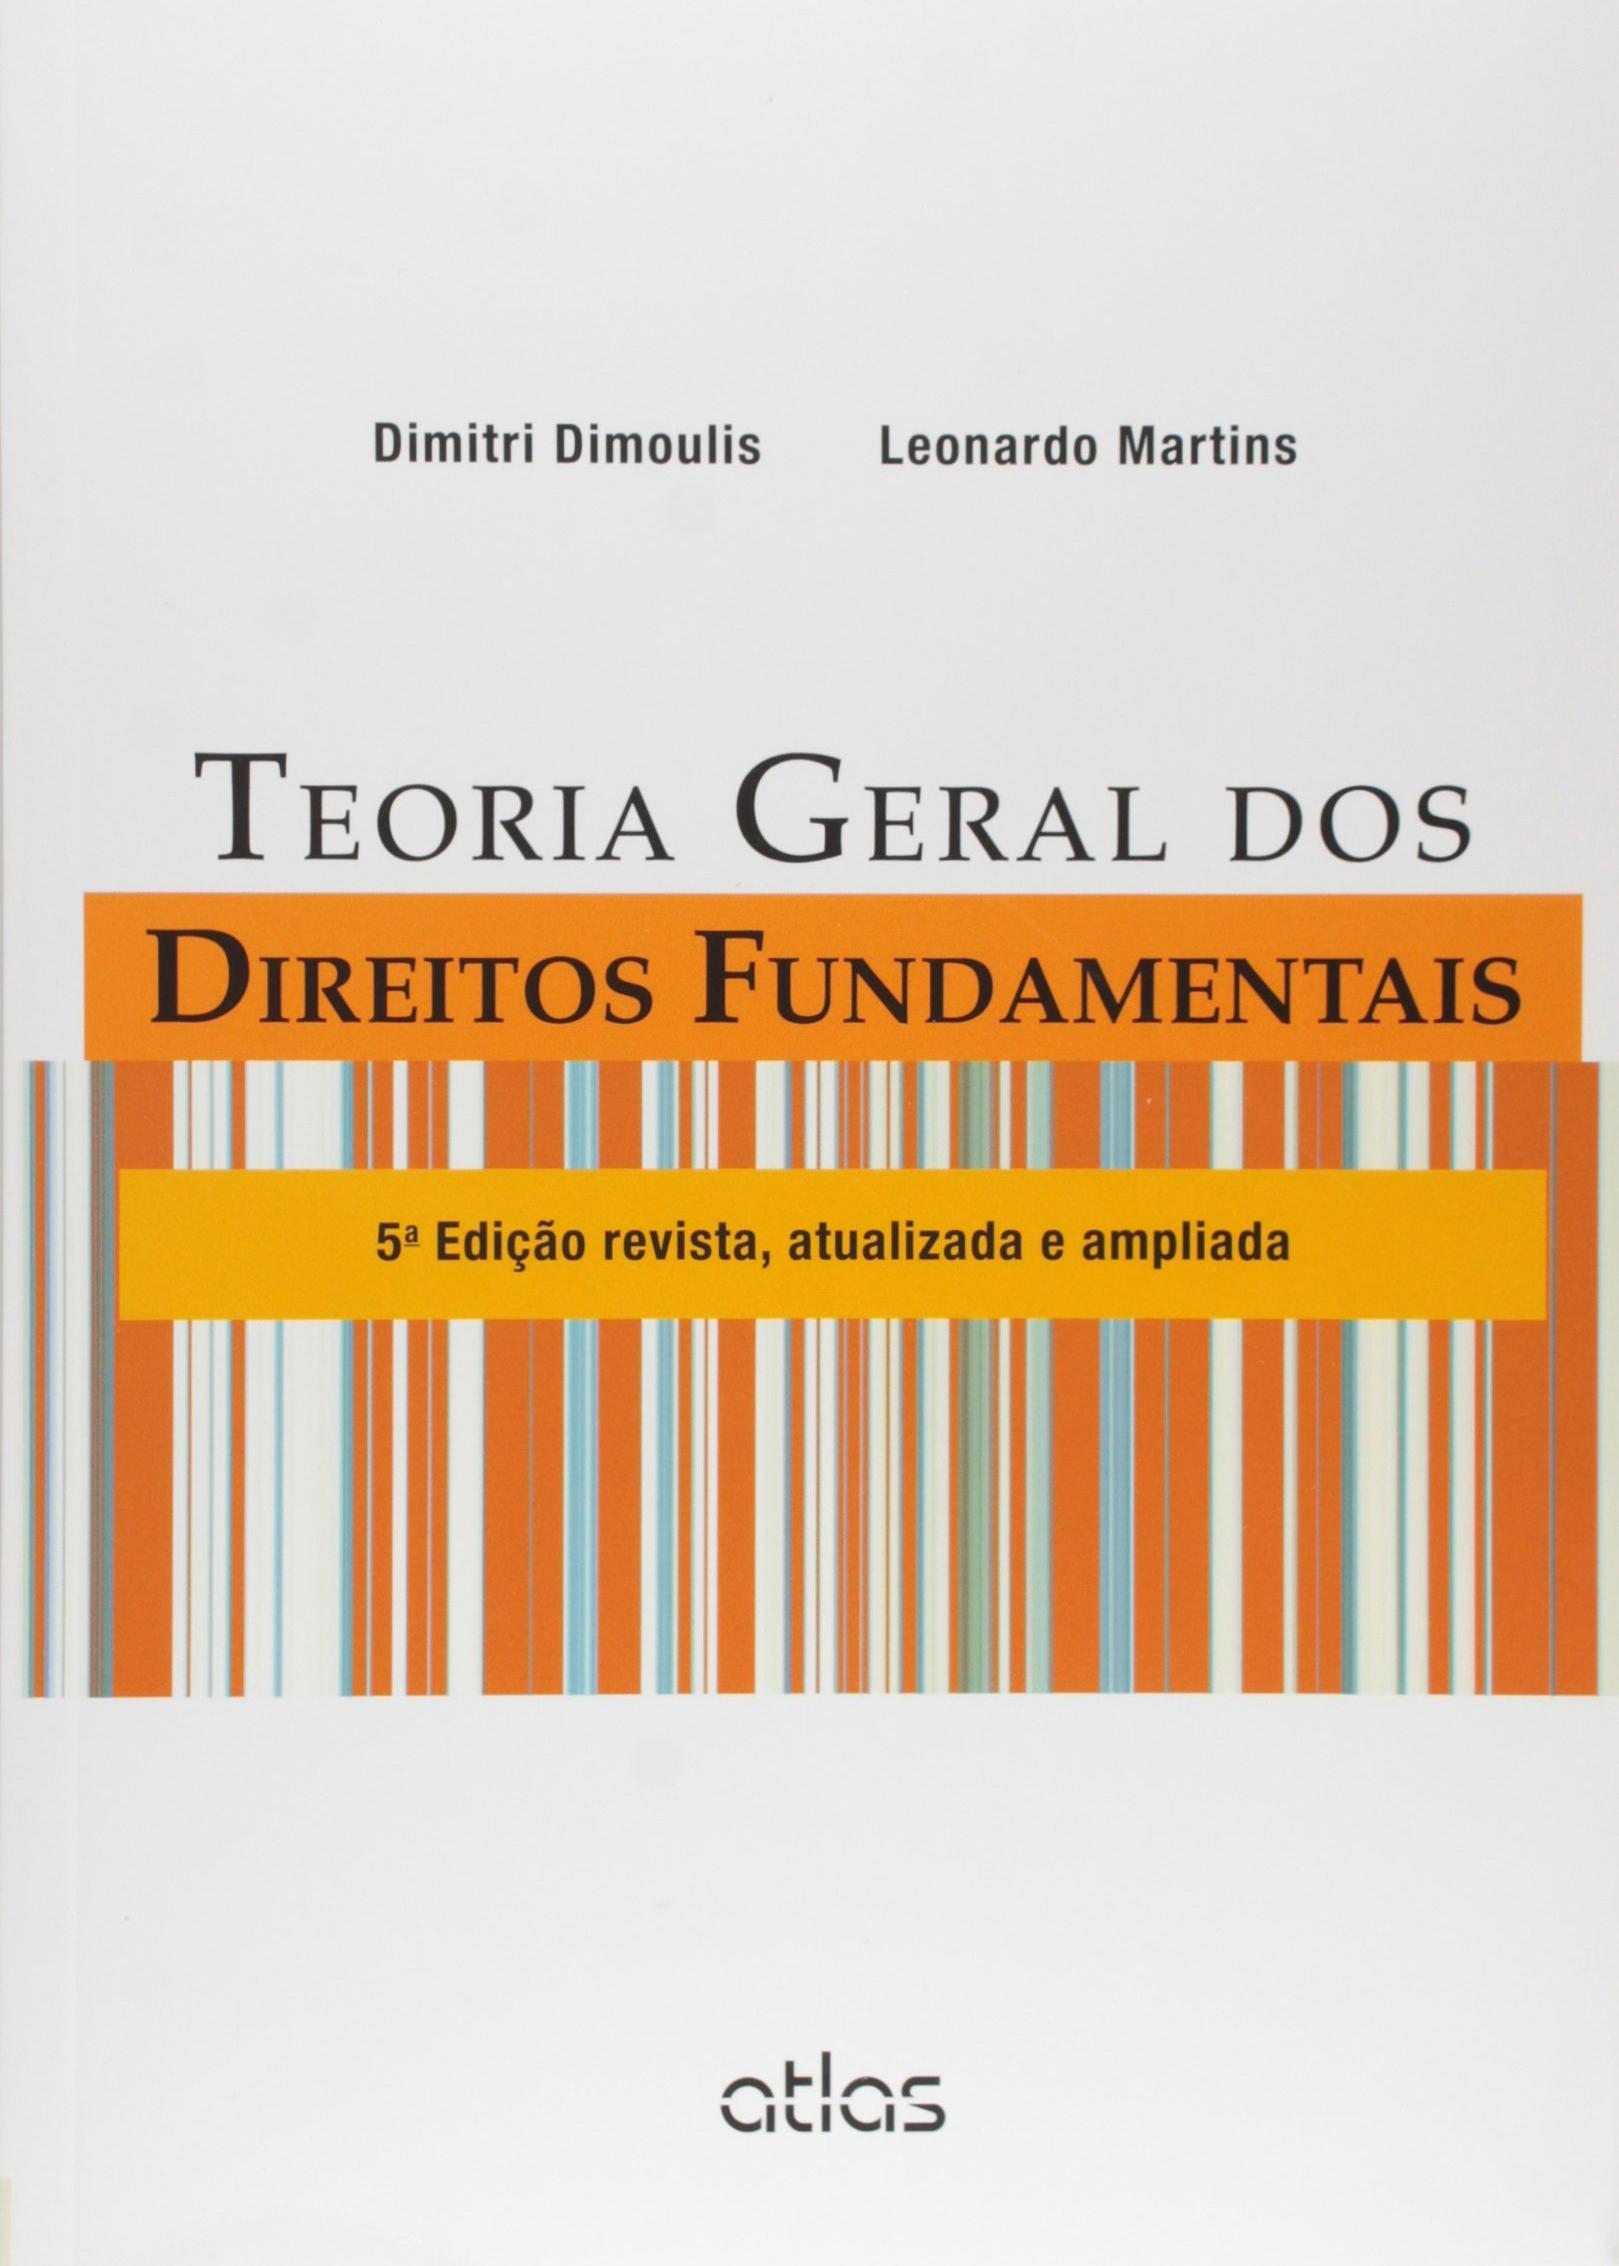 Dimoulis & Martins - Teoria Geral dos Direitos Fundamentais.jpg